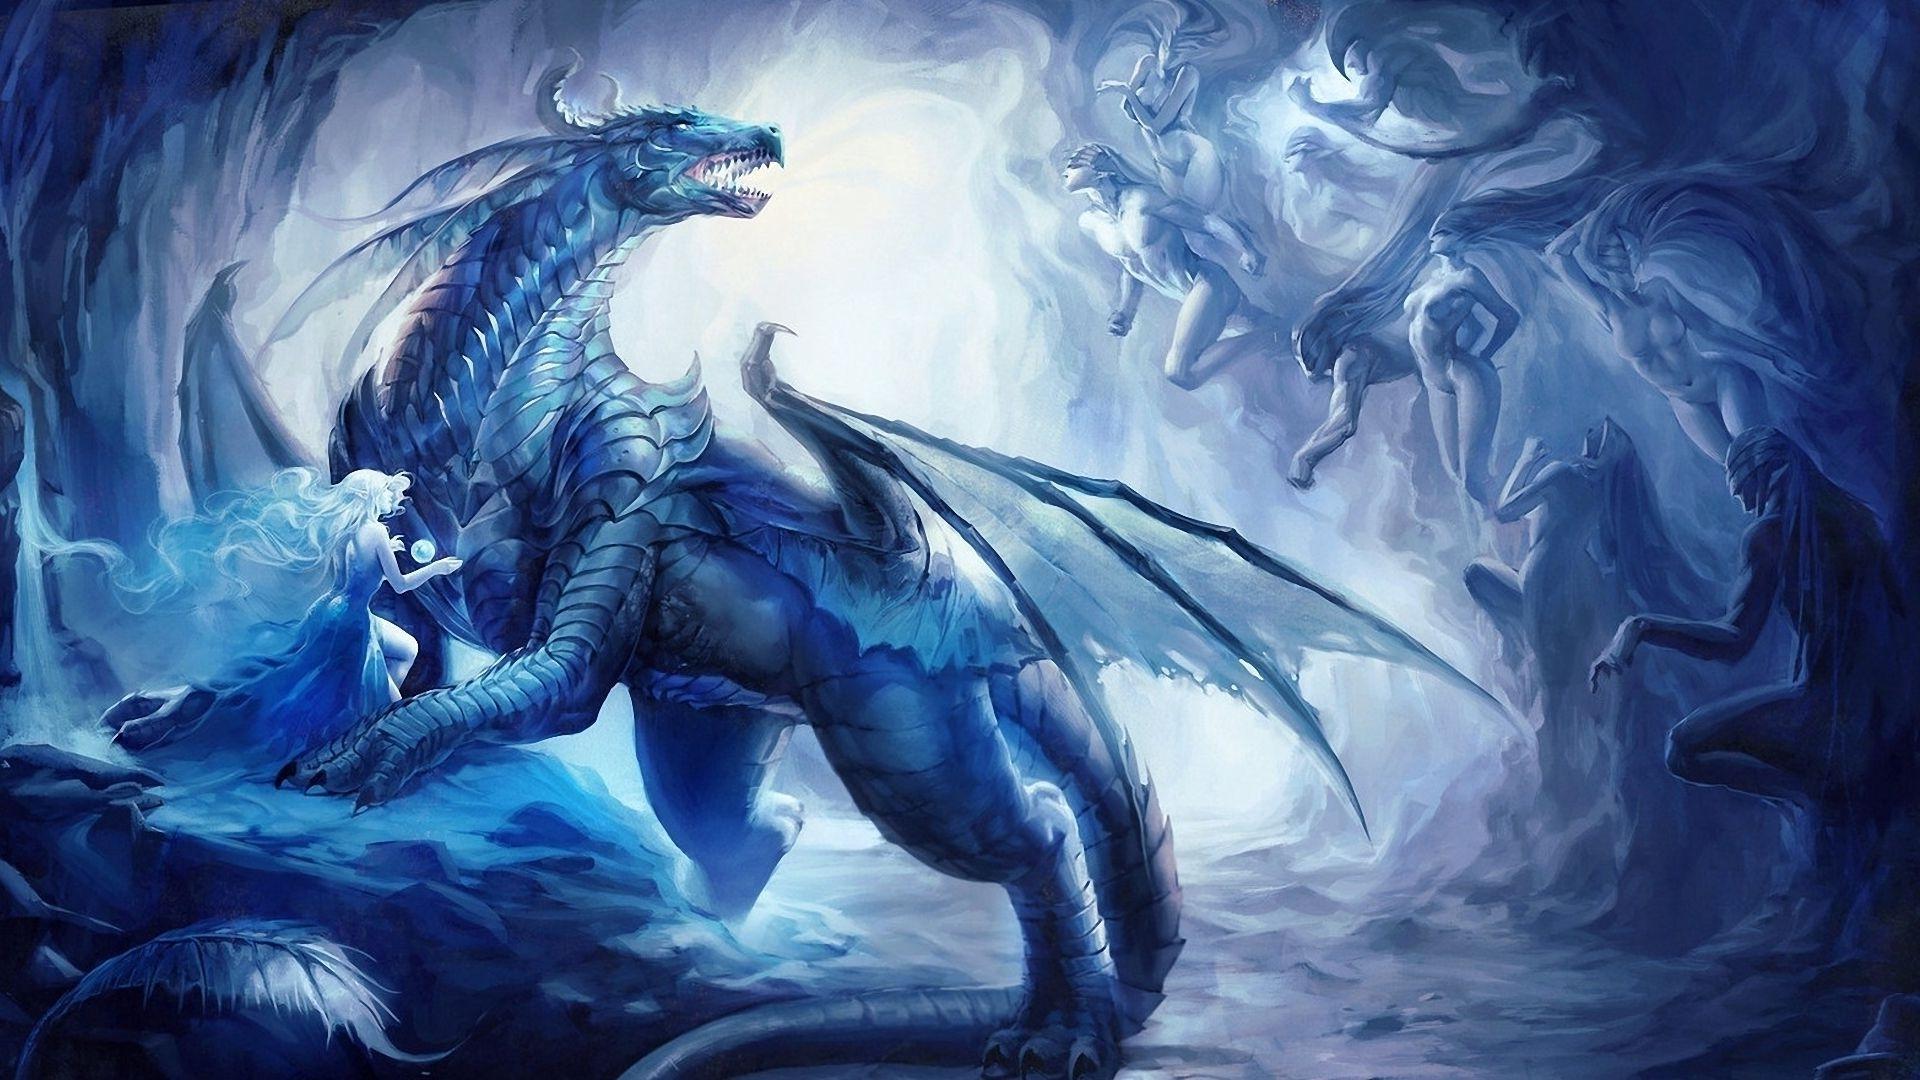 Blue Dragon Wallpaper - WallpaperSafari